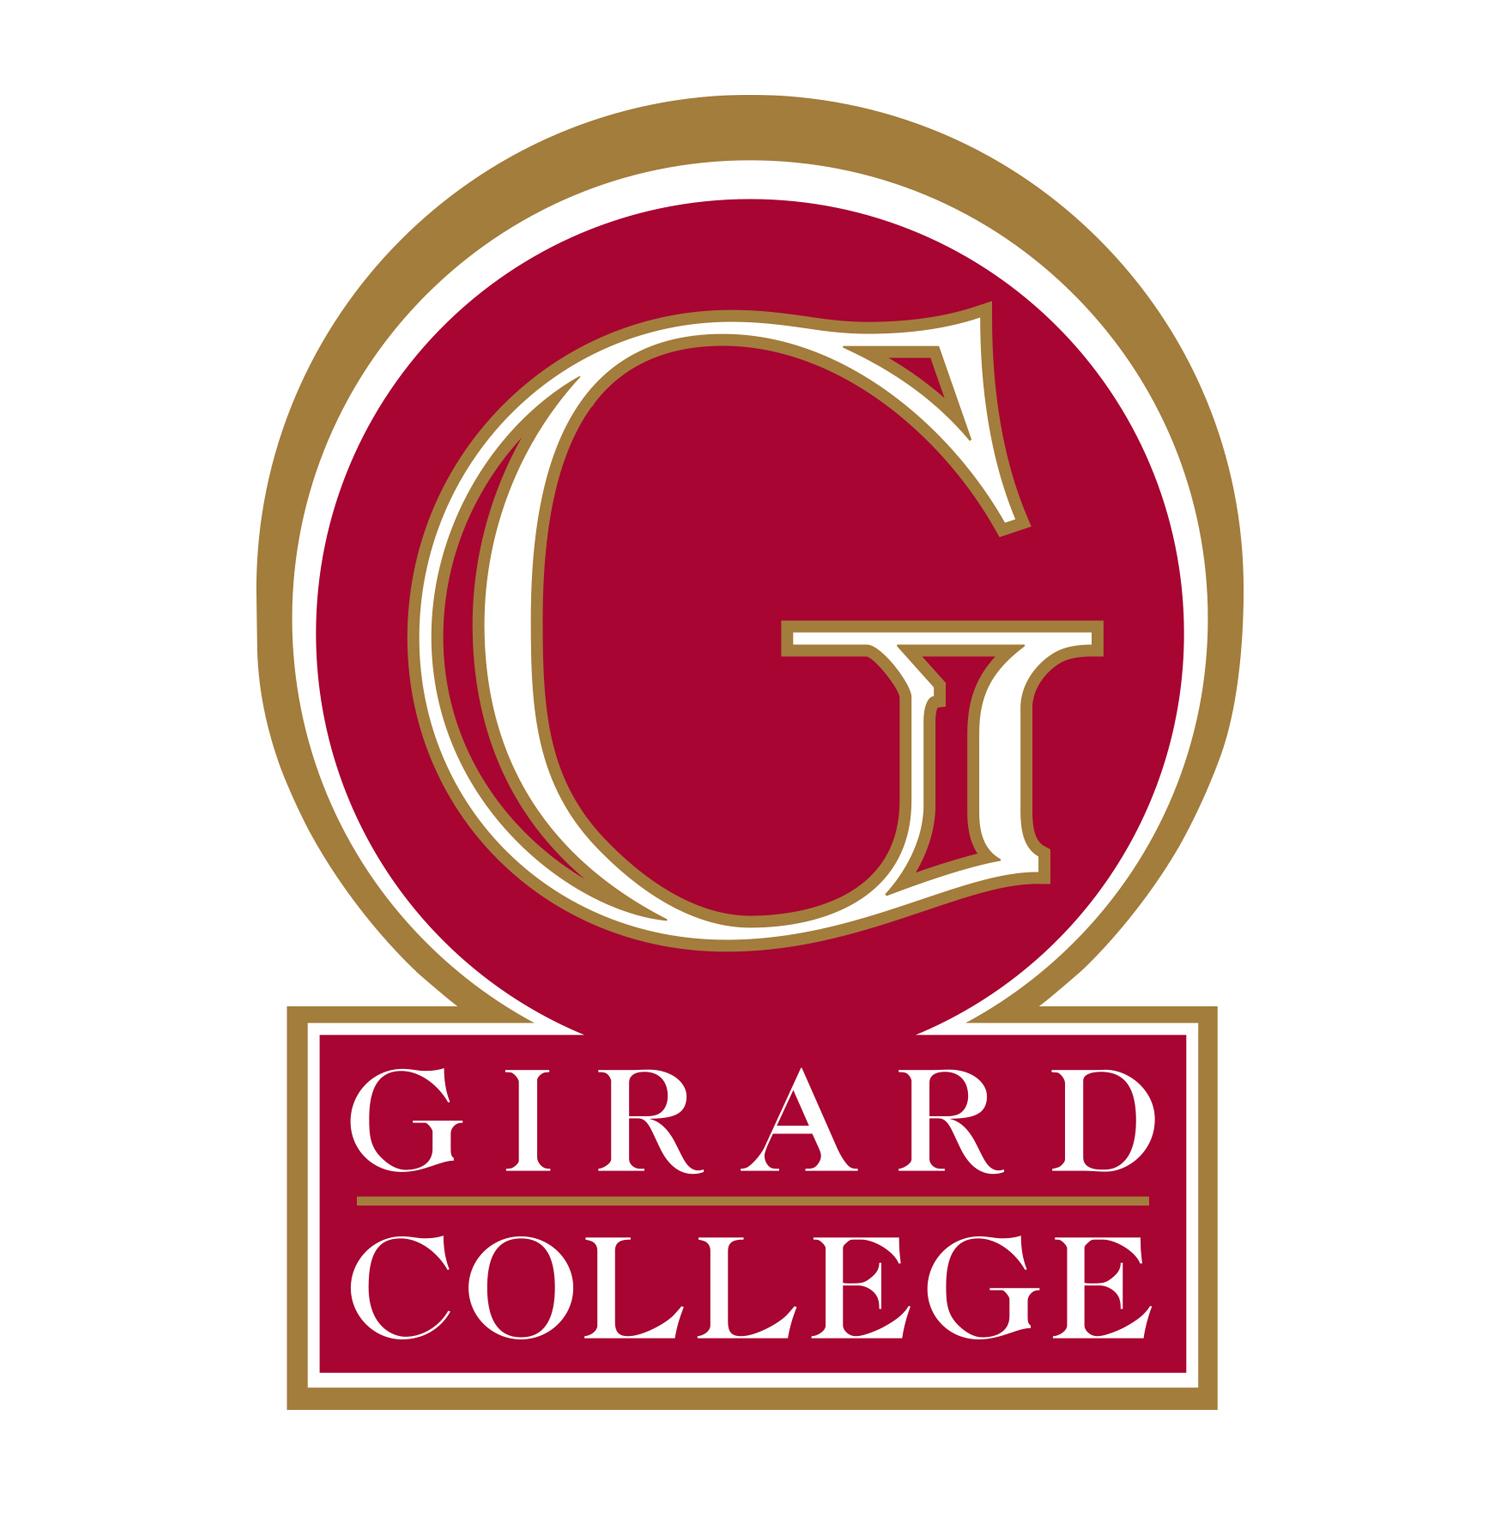 Girard College logo